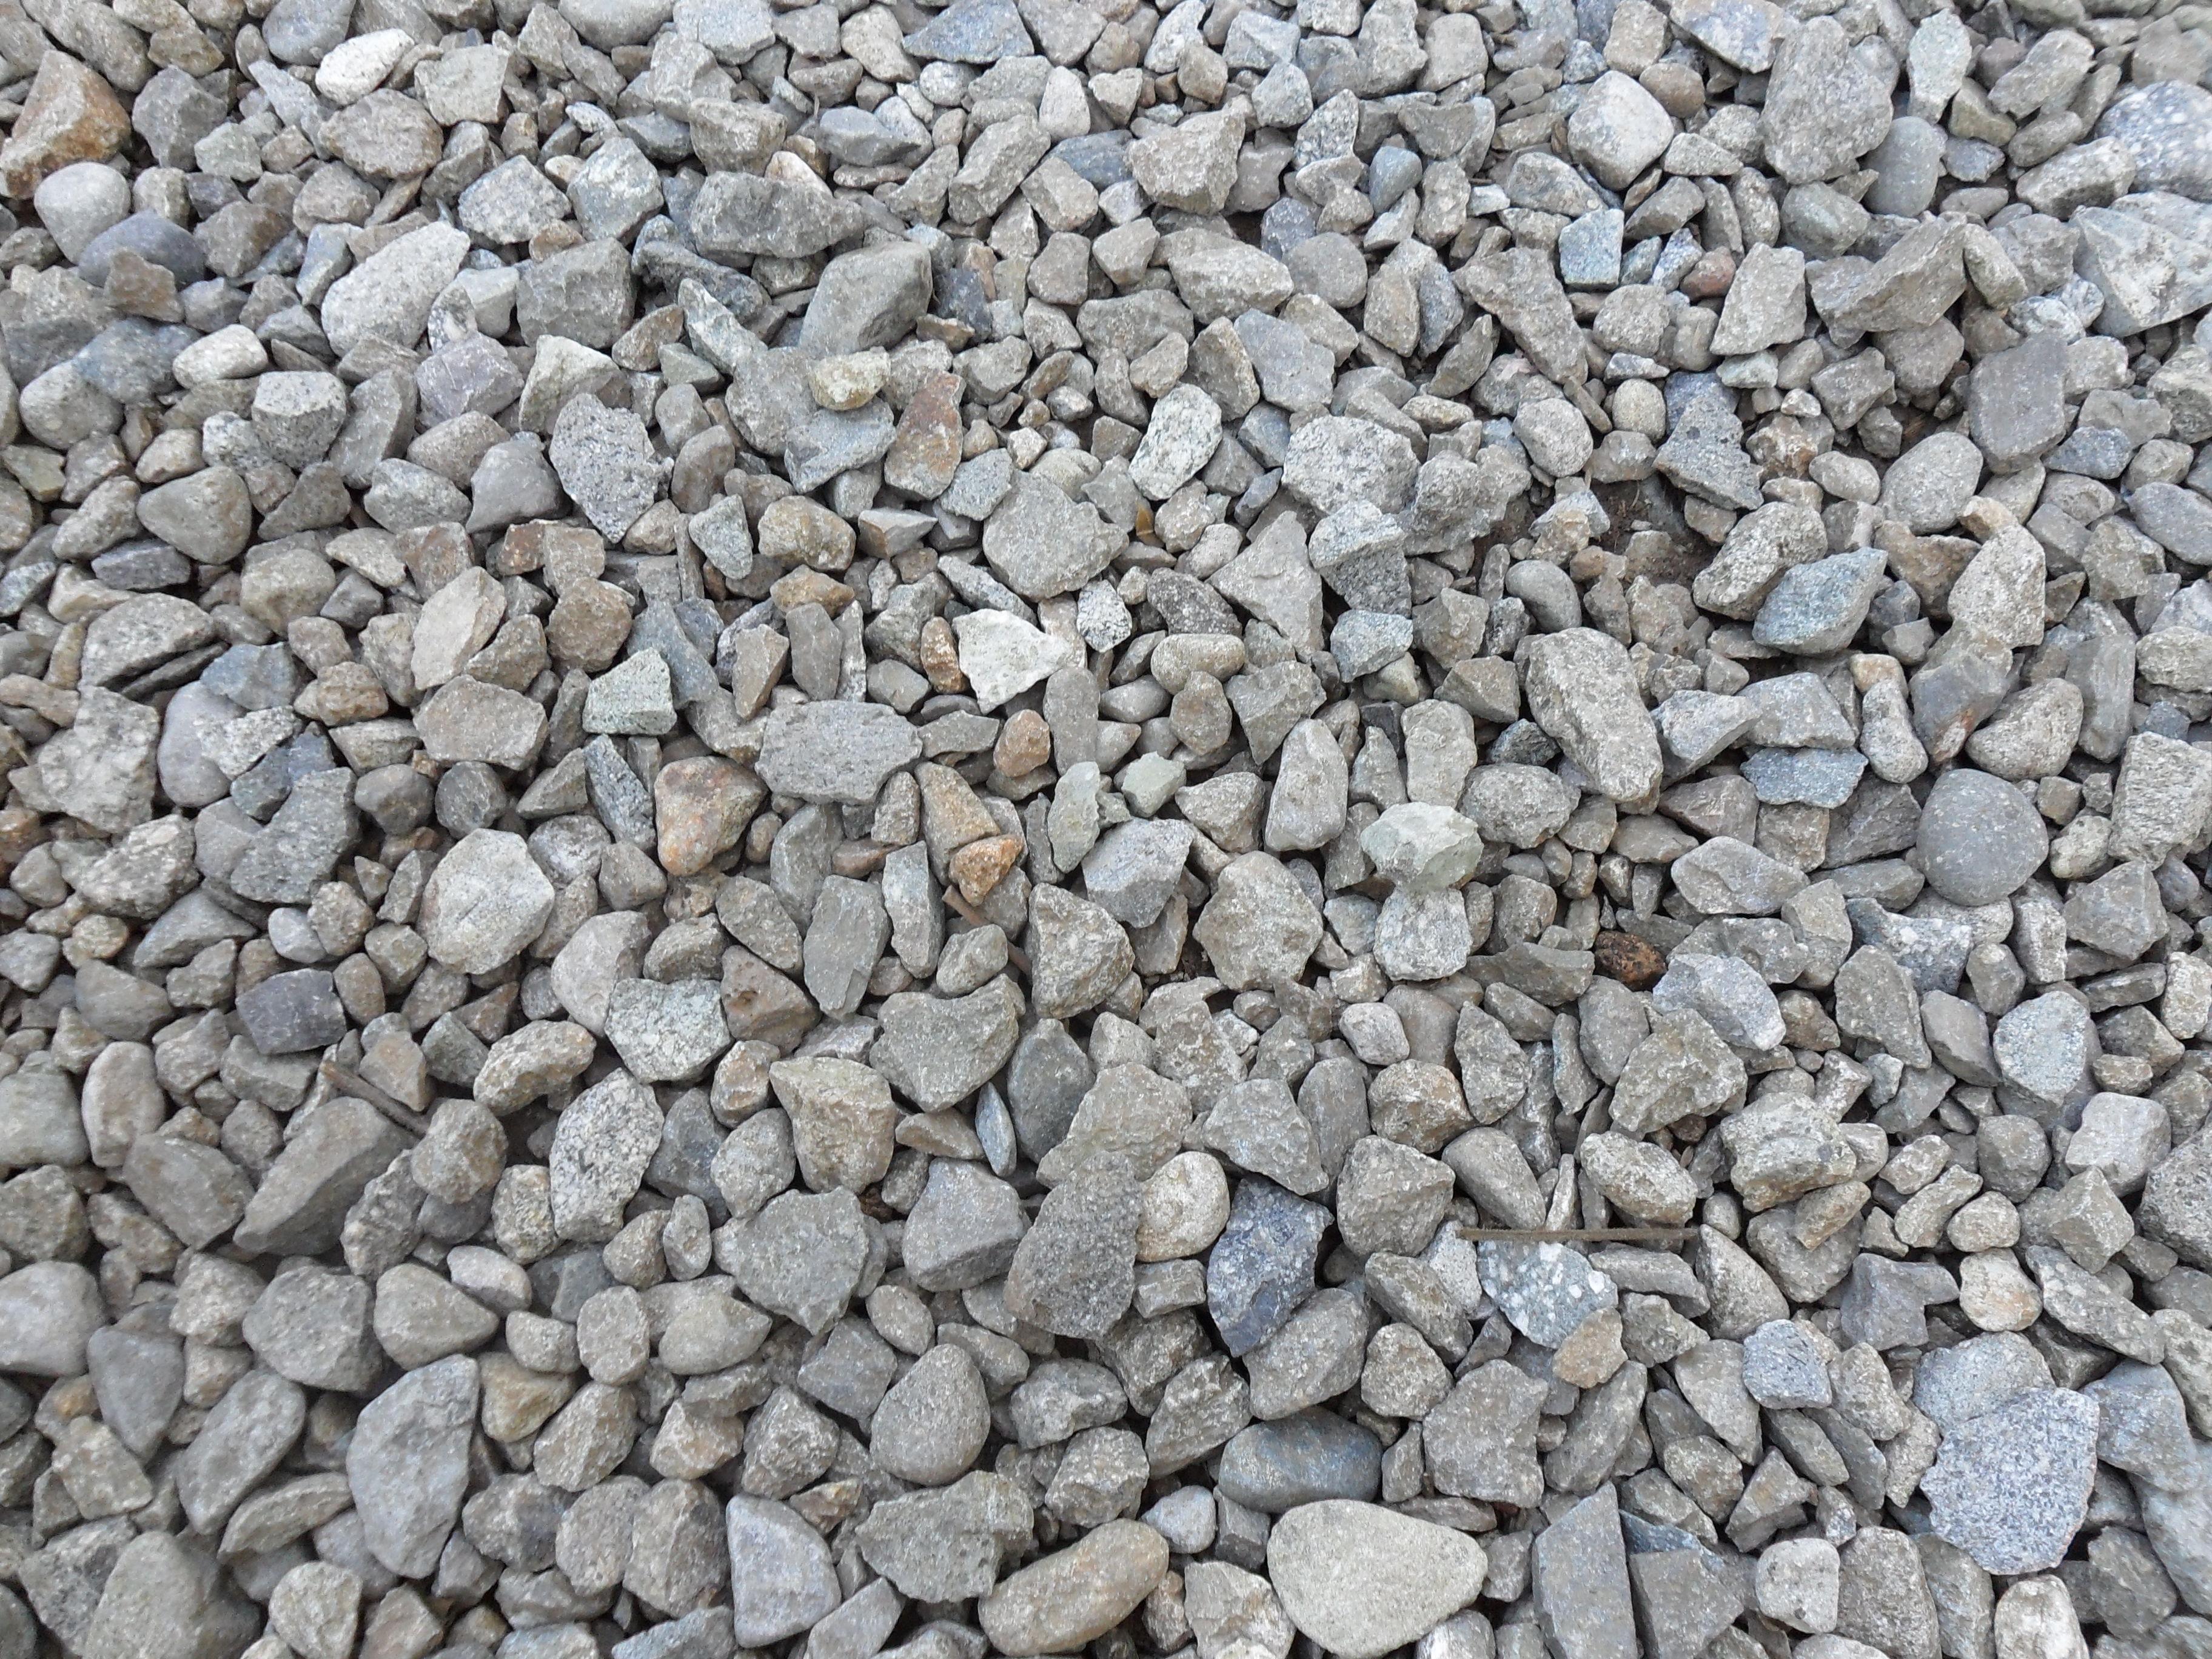 Fotos gratis rock asfalto construcci n guijarro - Material de construccion ...